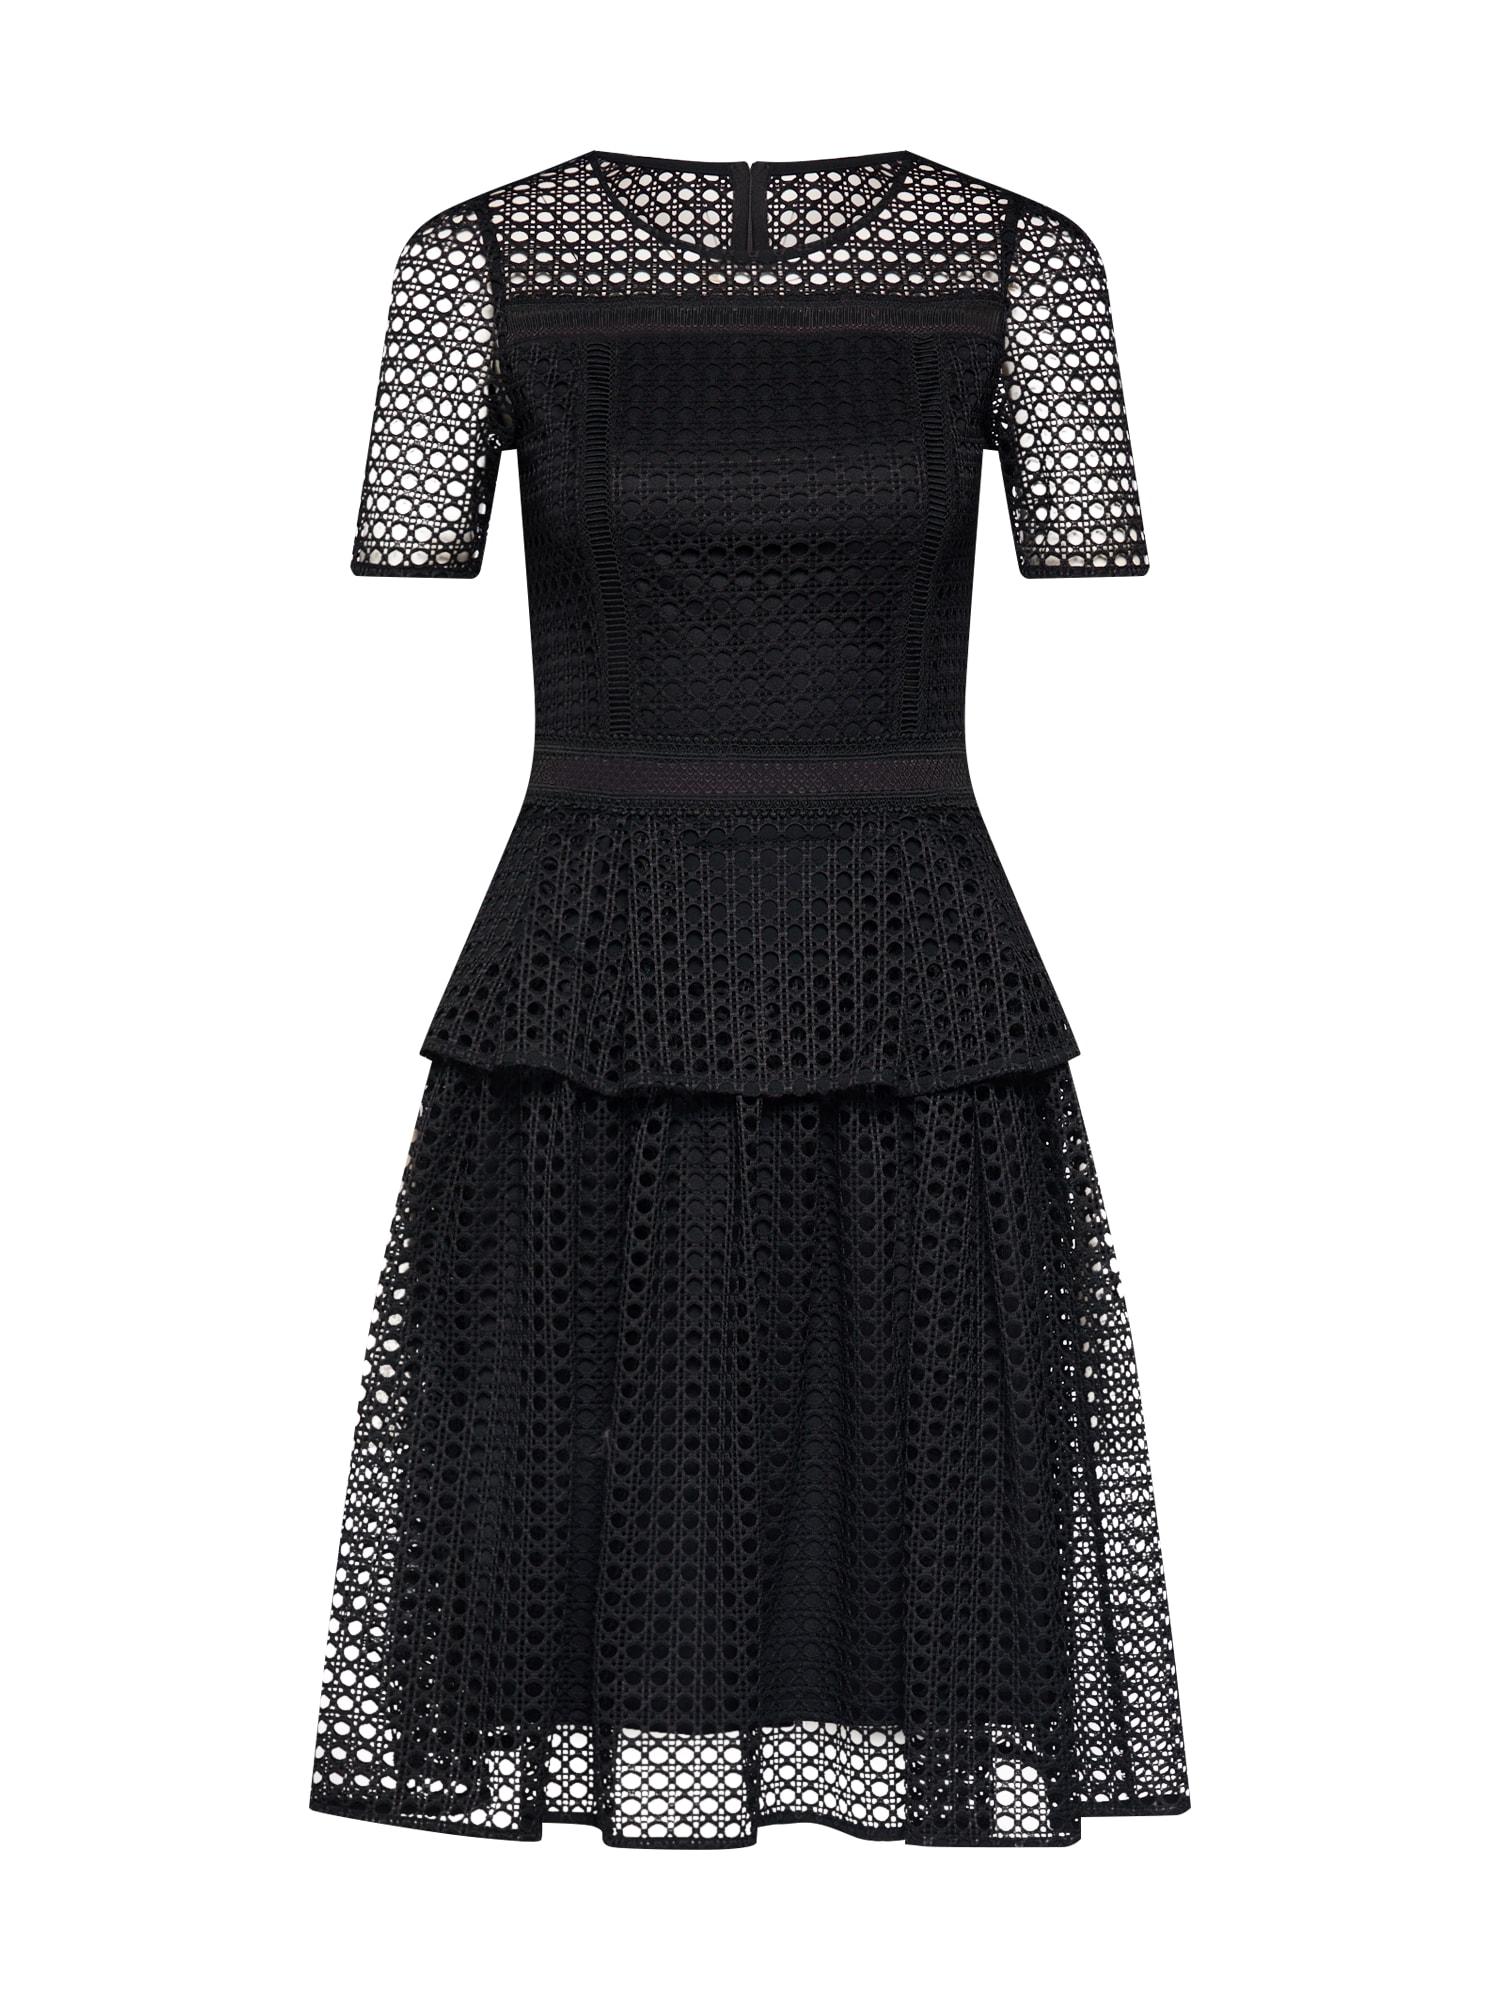 Pouzdrové šaty Carla černá MICHALSKY FOR ABOUT YOU